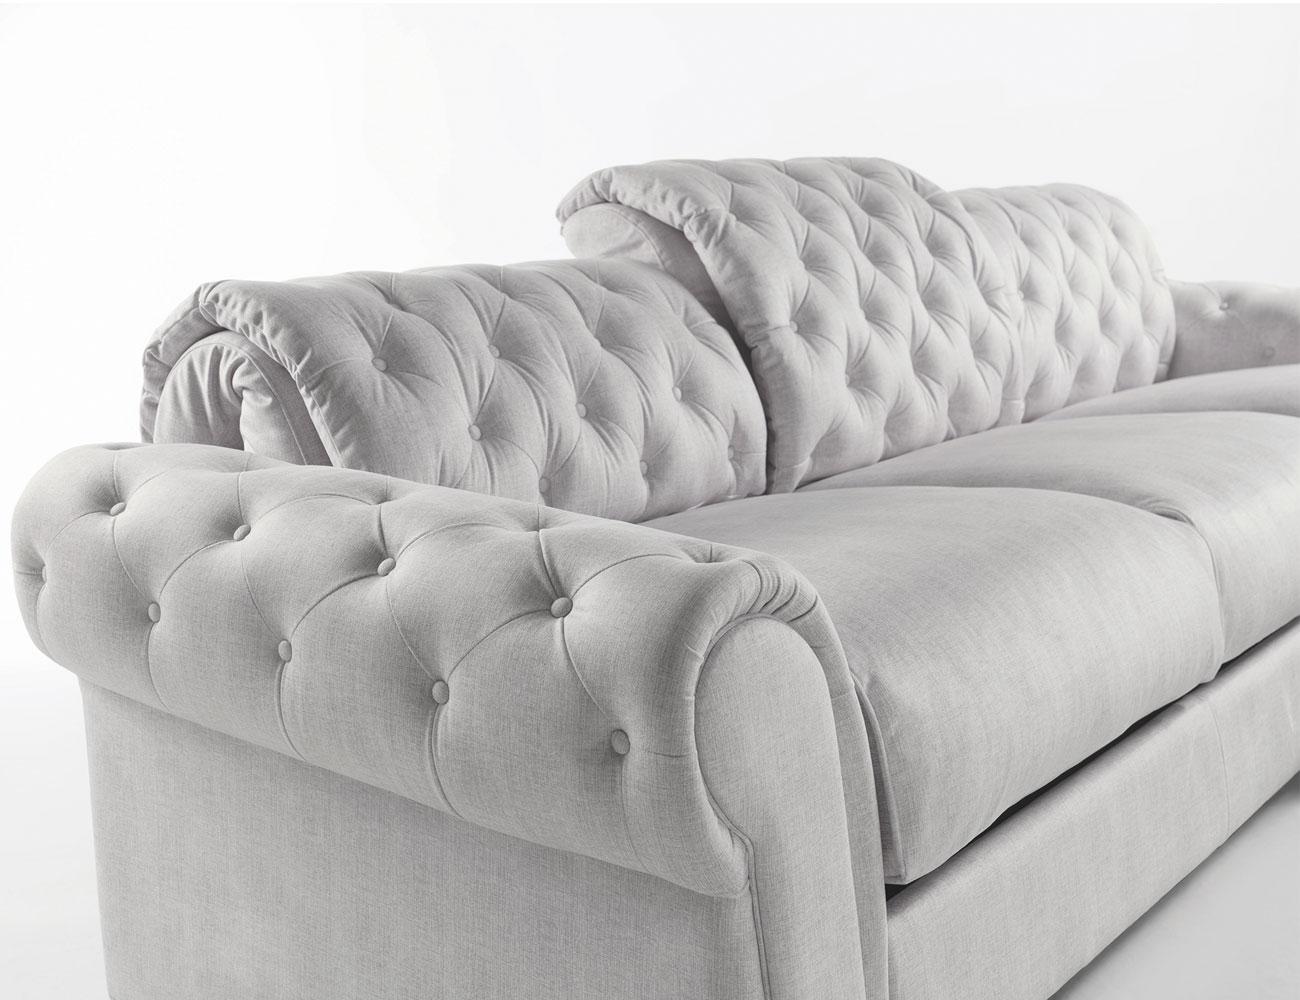 Sofa chaiselongue gran lujo decorativo capitone blanco tela 127